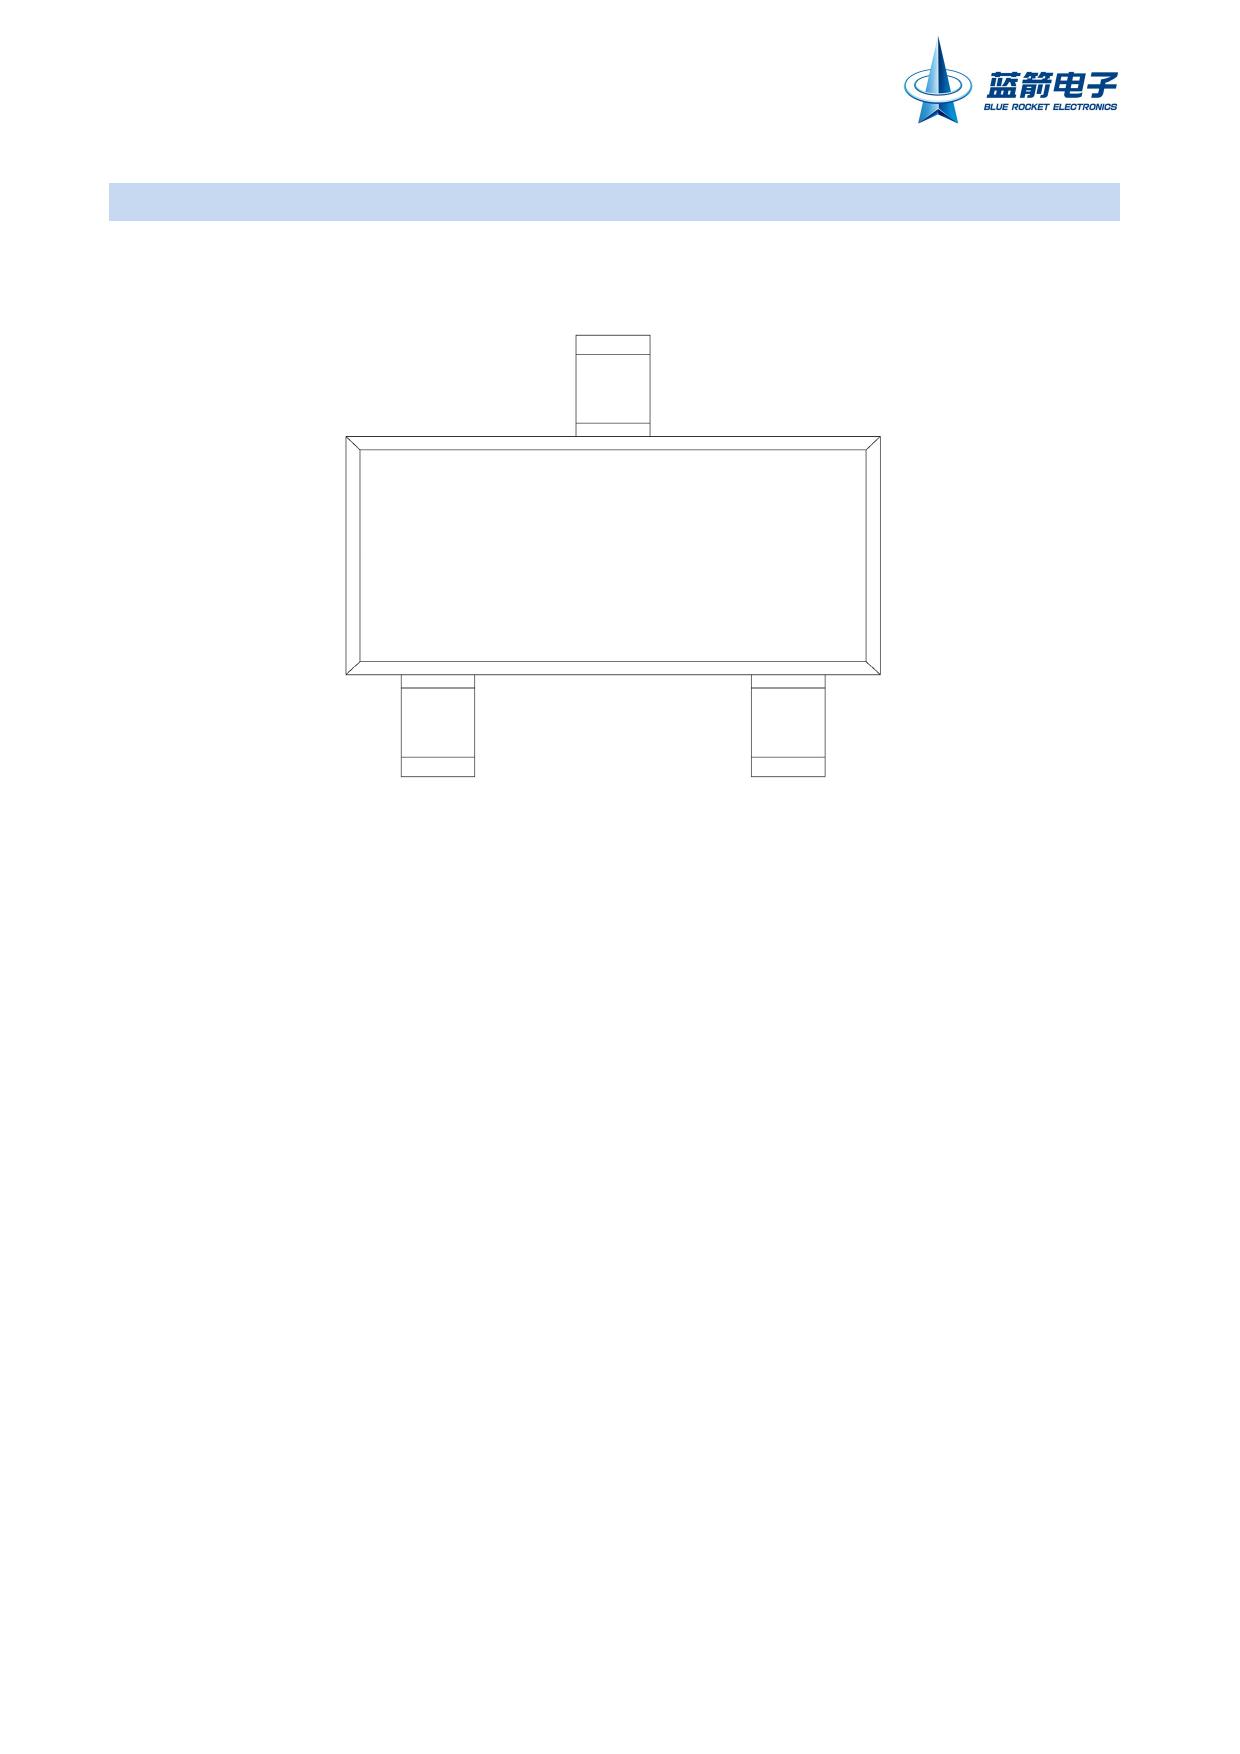 9018M pdf